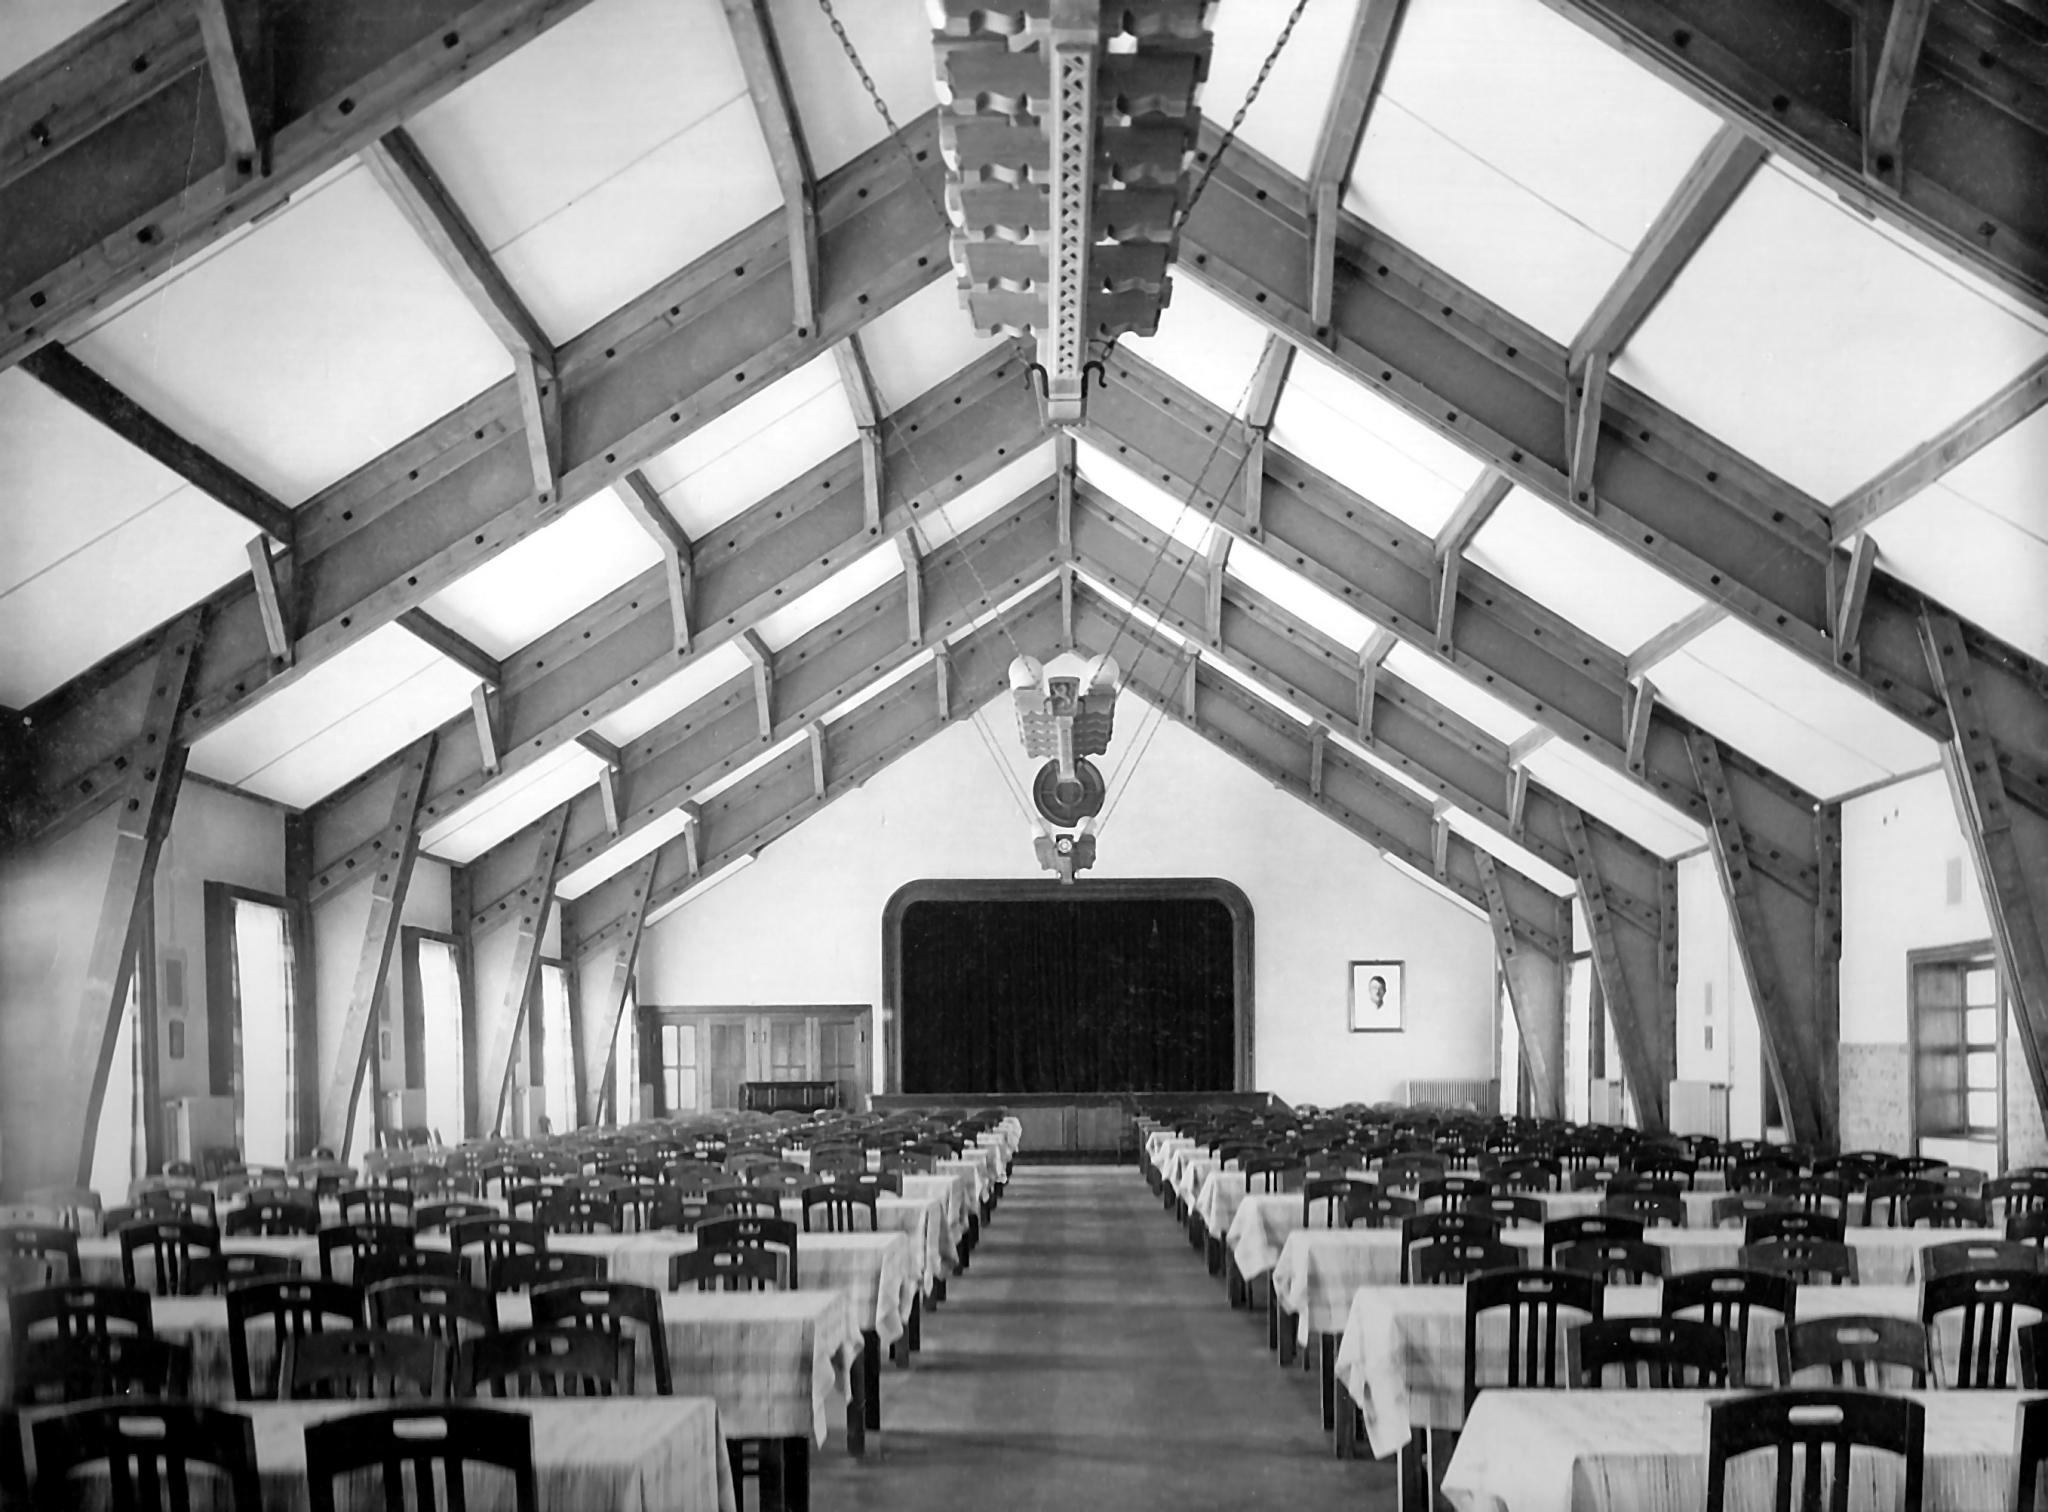 Godenau1930er-01-Feierabendhalle